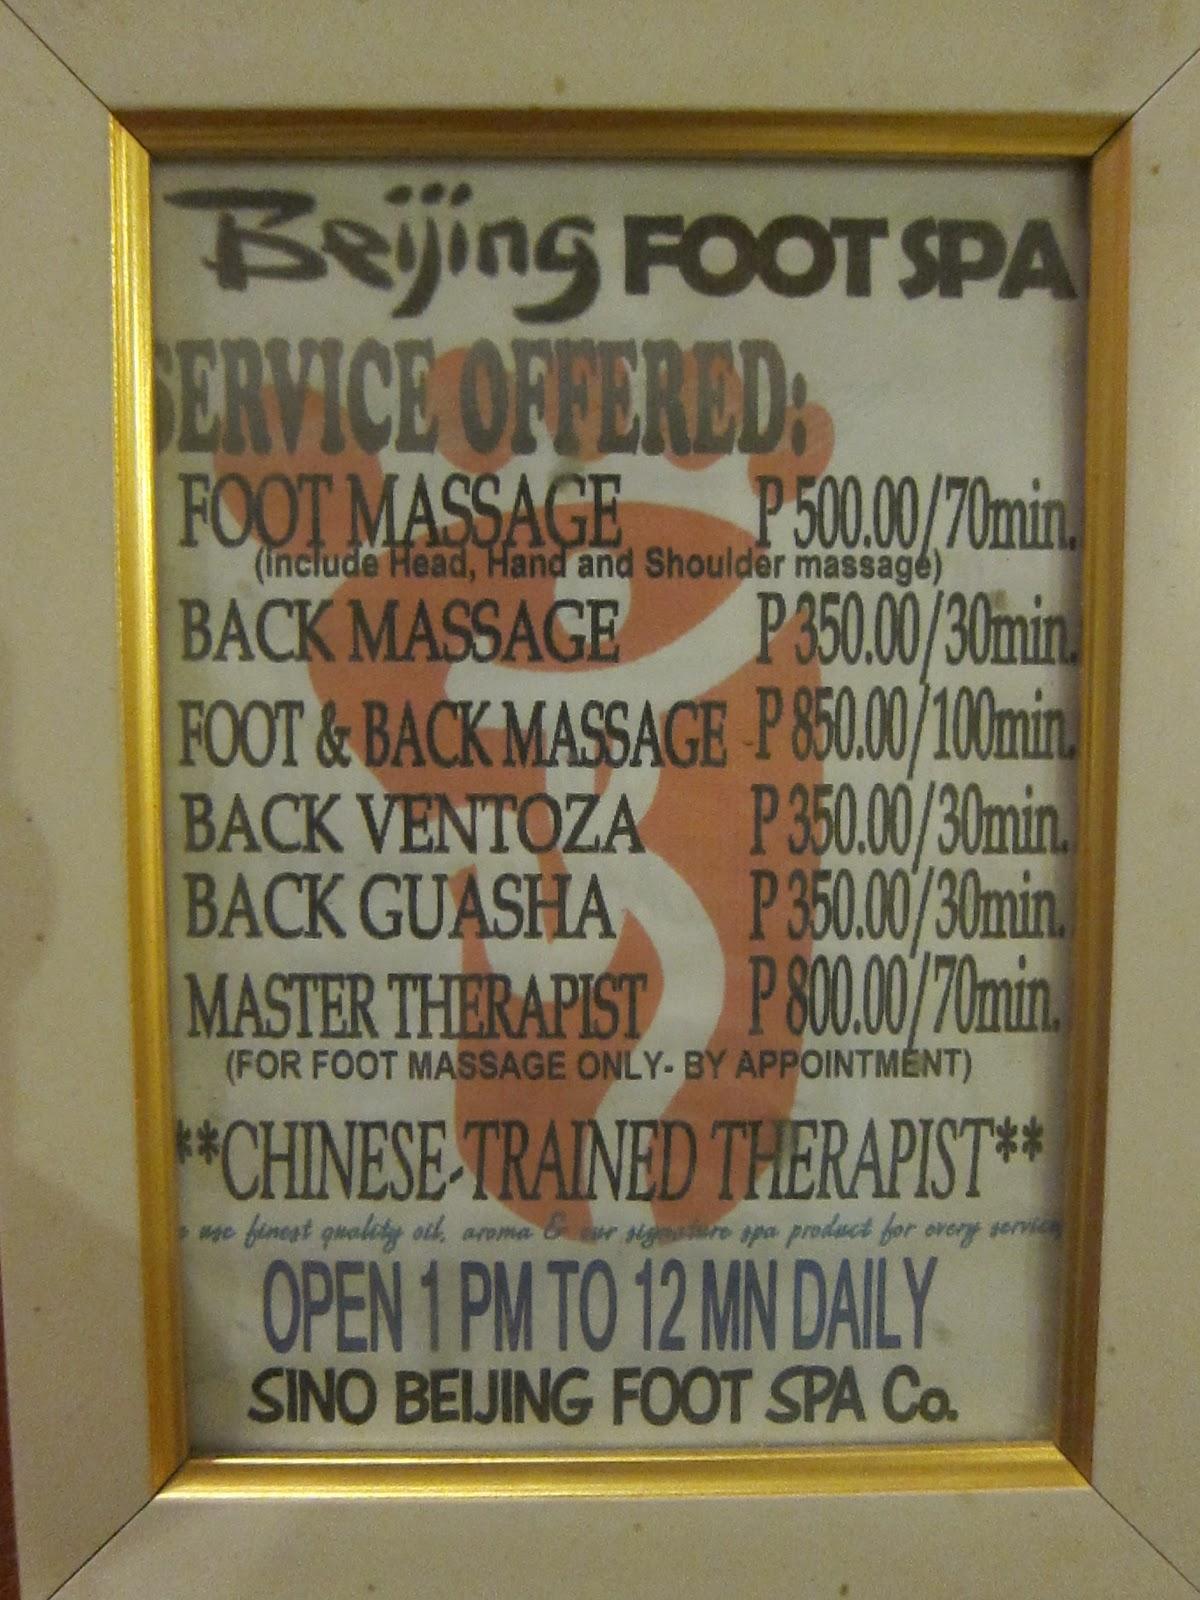 Beijing Foot Spa Menu